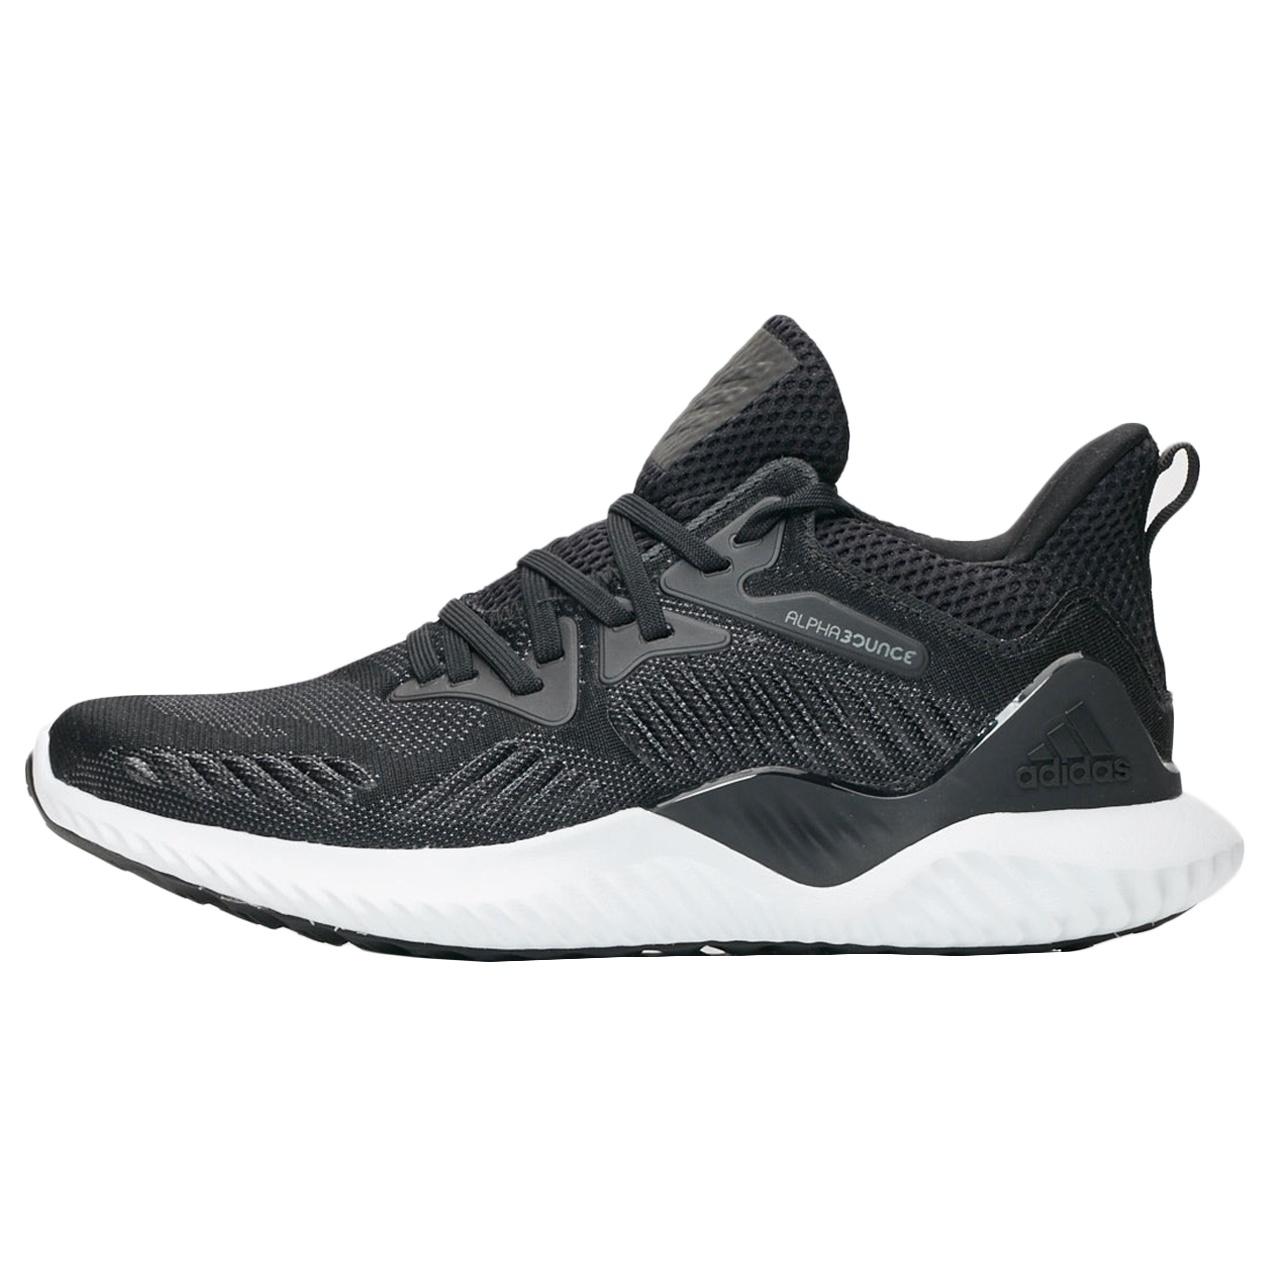 کفش مخصوص دویدن زنانه آدیداس مدل Alphabounce EM کد TB07654W